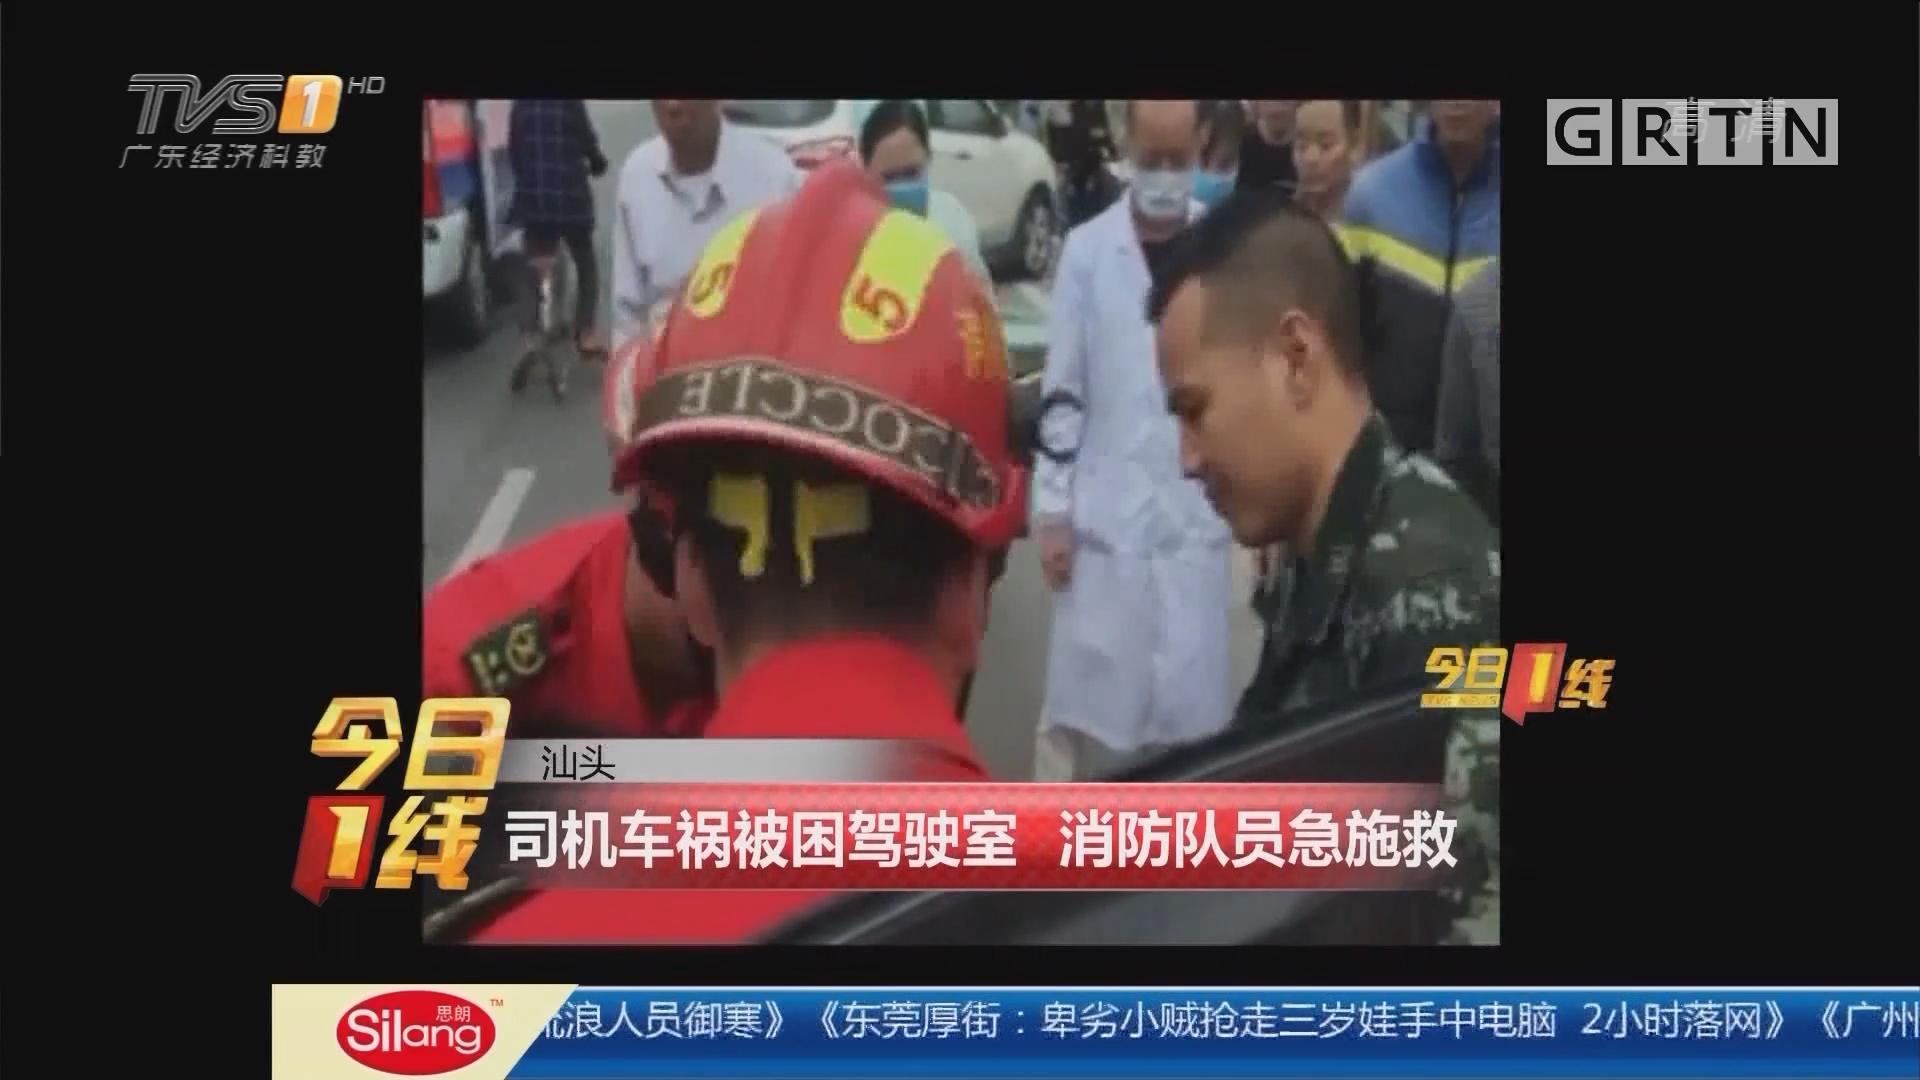 汕头:司机车祸被困驾驶室 消防队员急施救